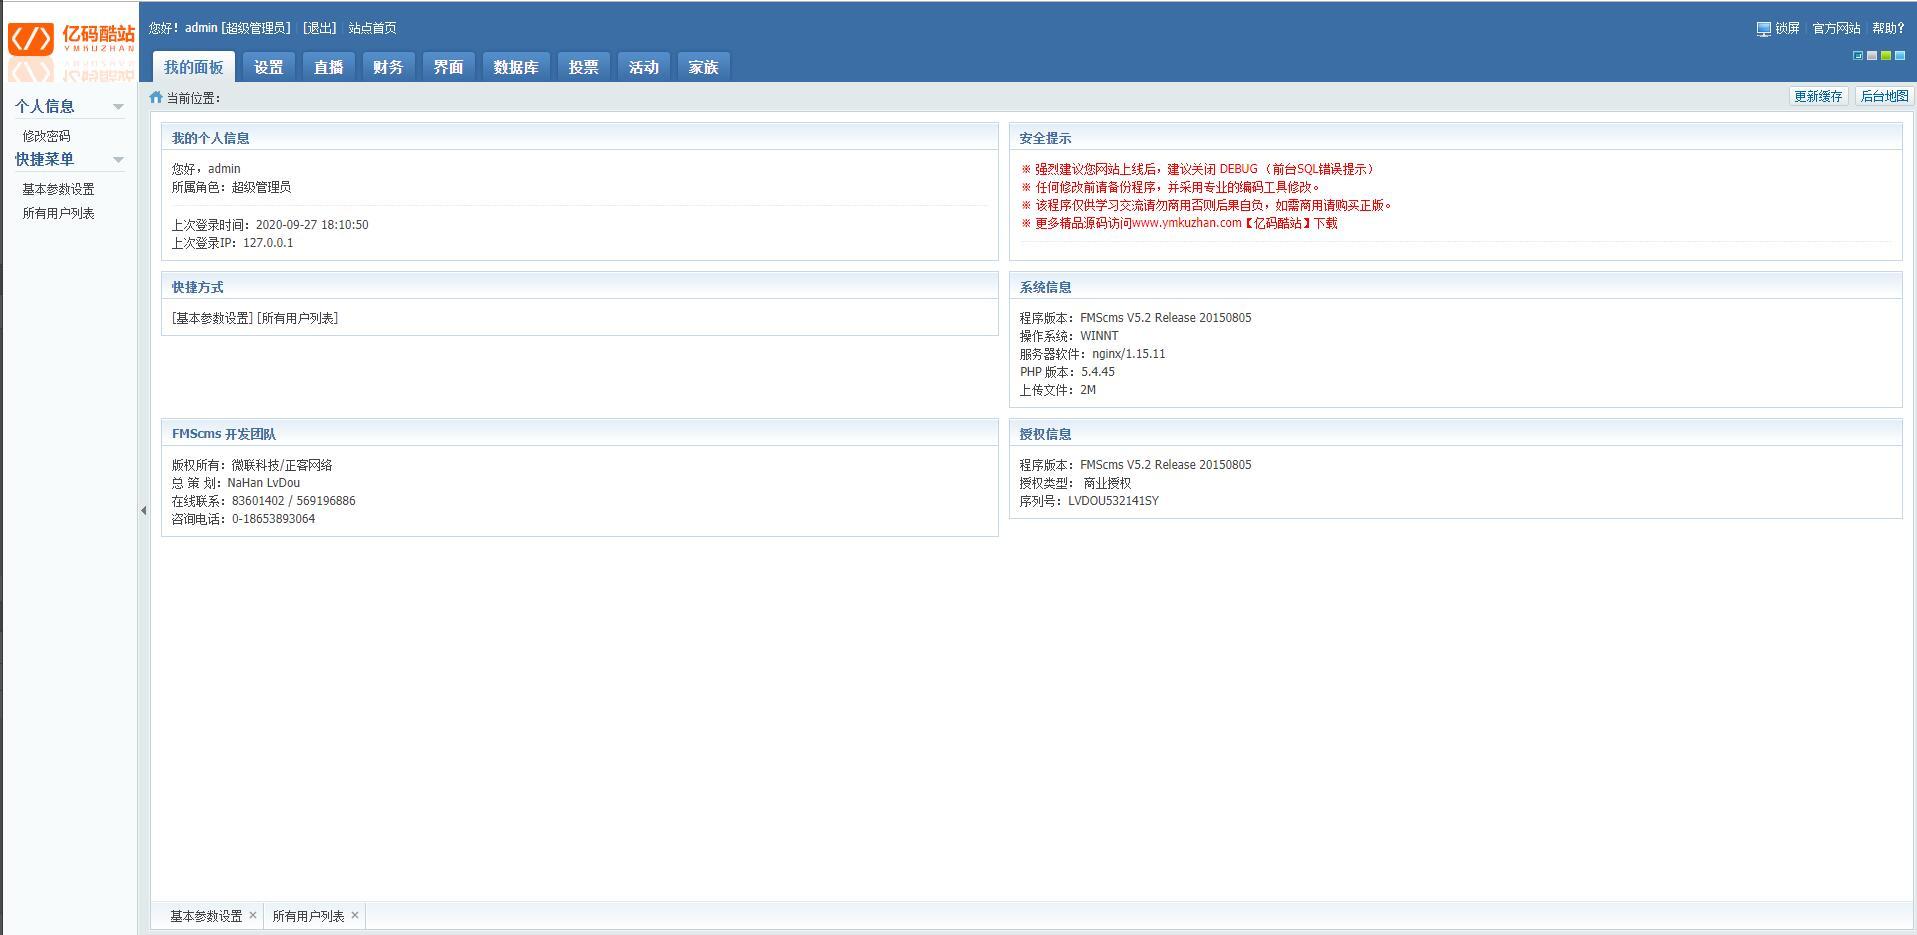 【直播系统】Thinkphp框架在线直播系统源码PC直播美女秀场手机直播网页源码1.0